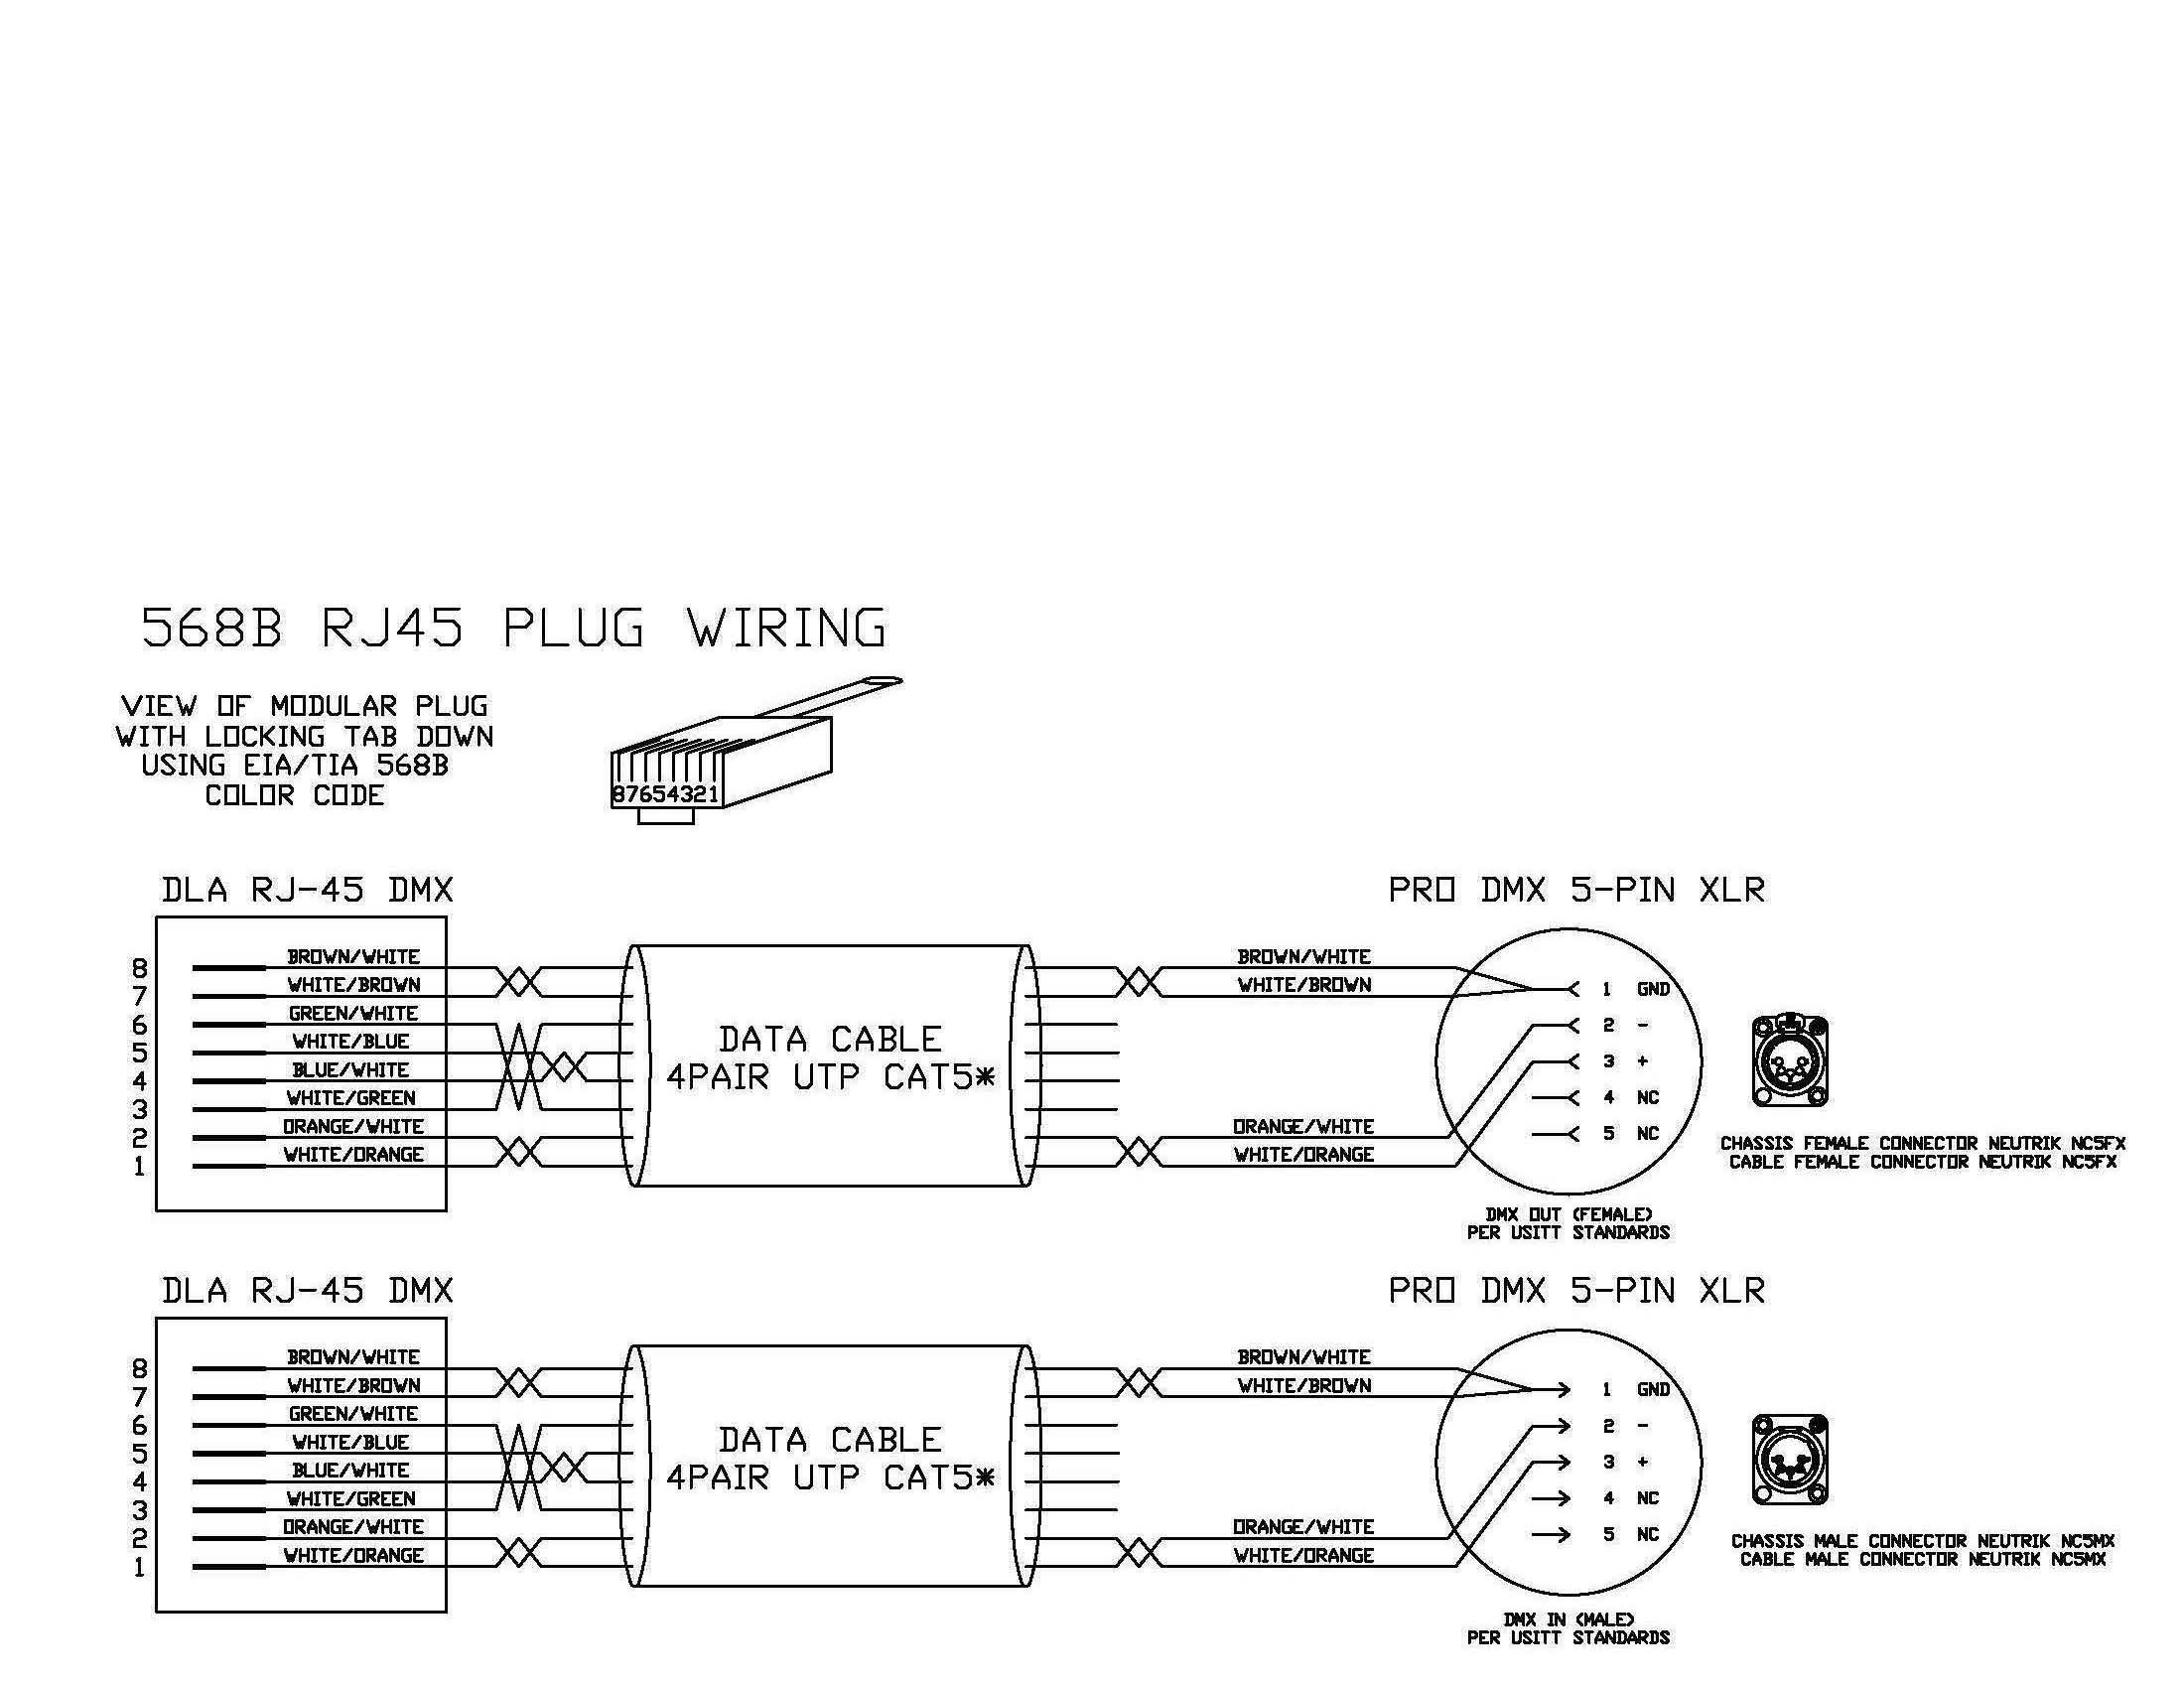 610 To Rj45 Wiring Diagram